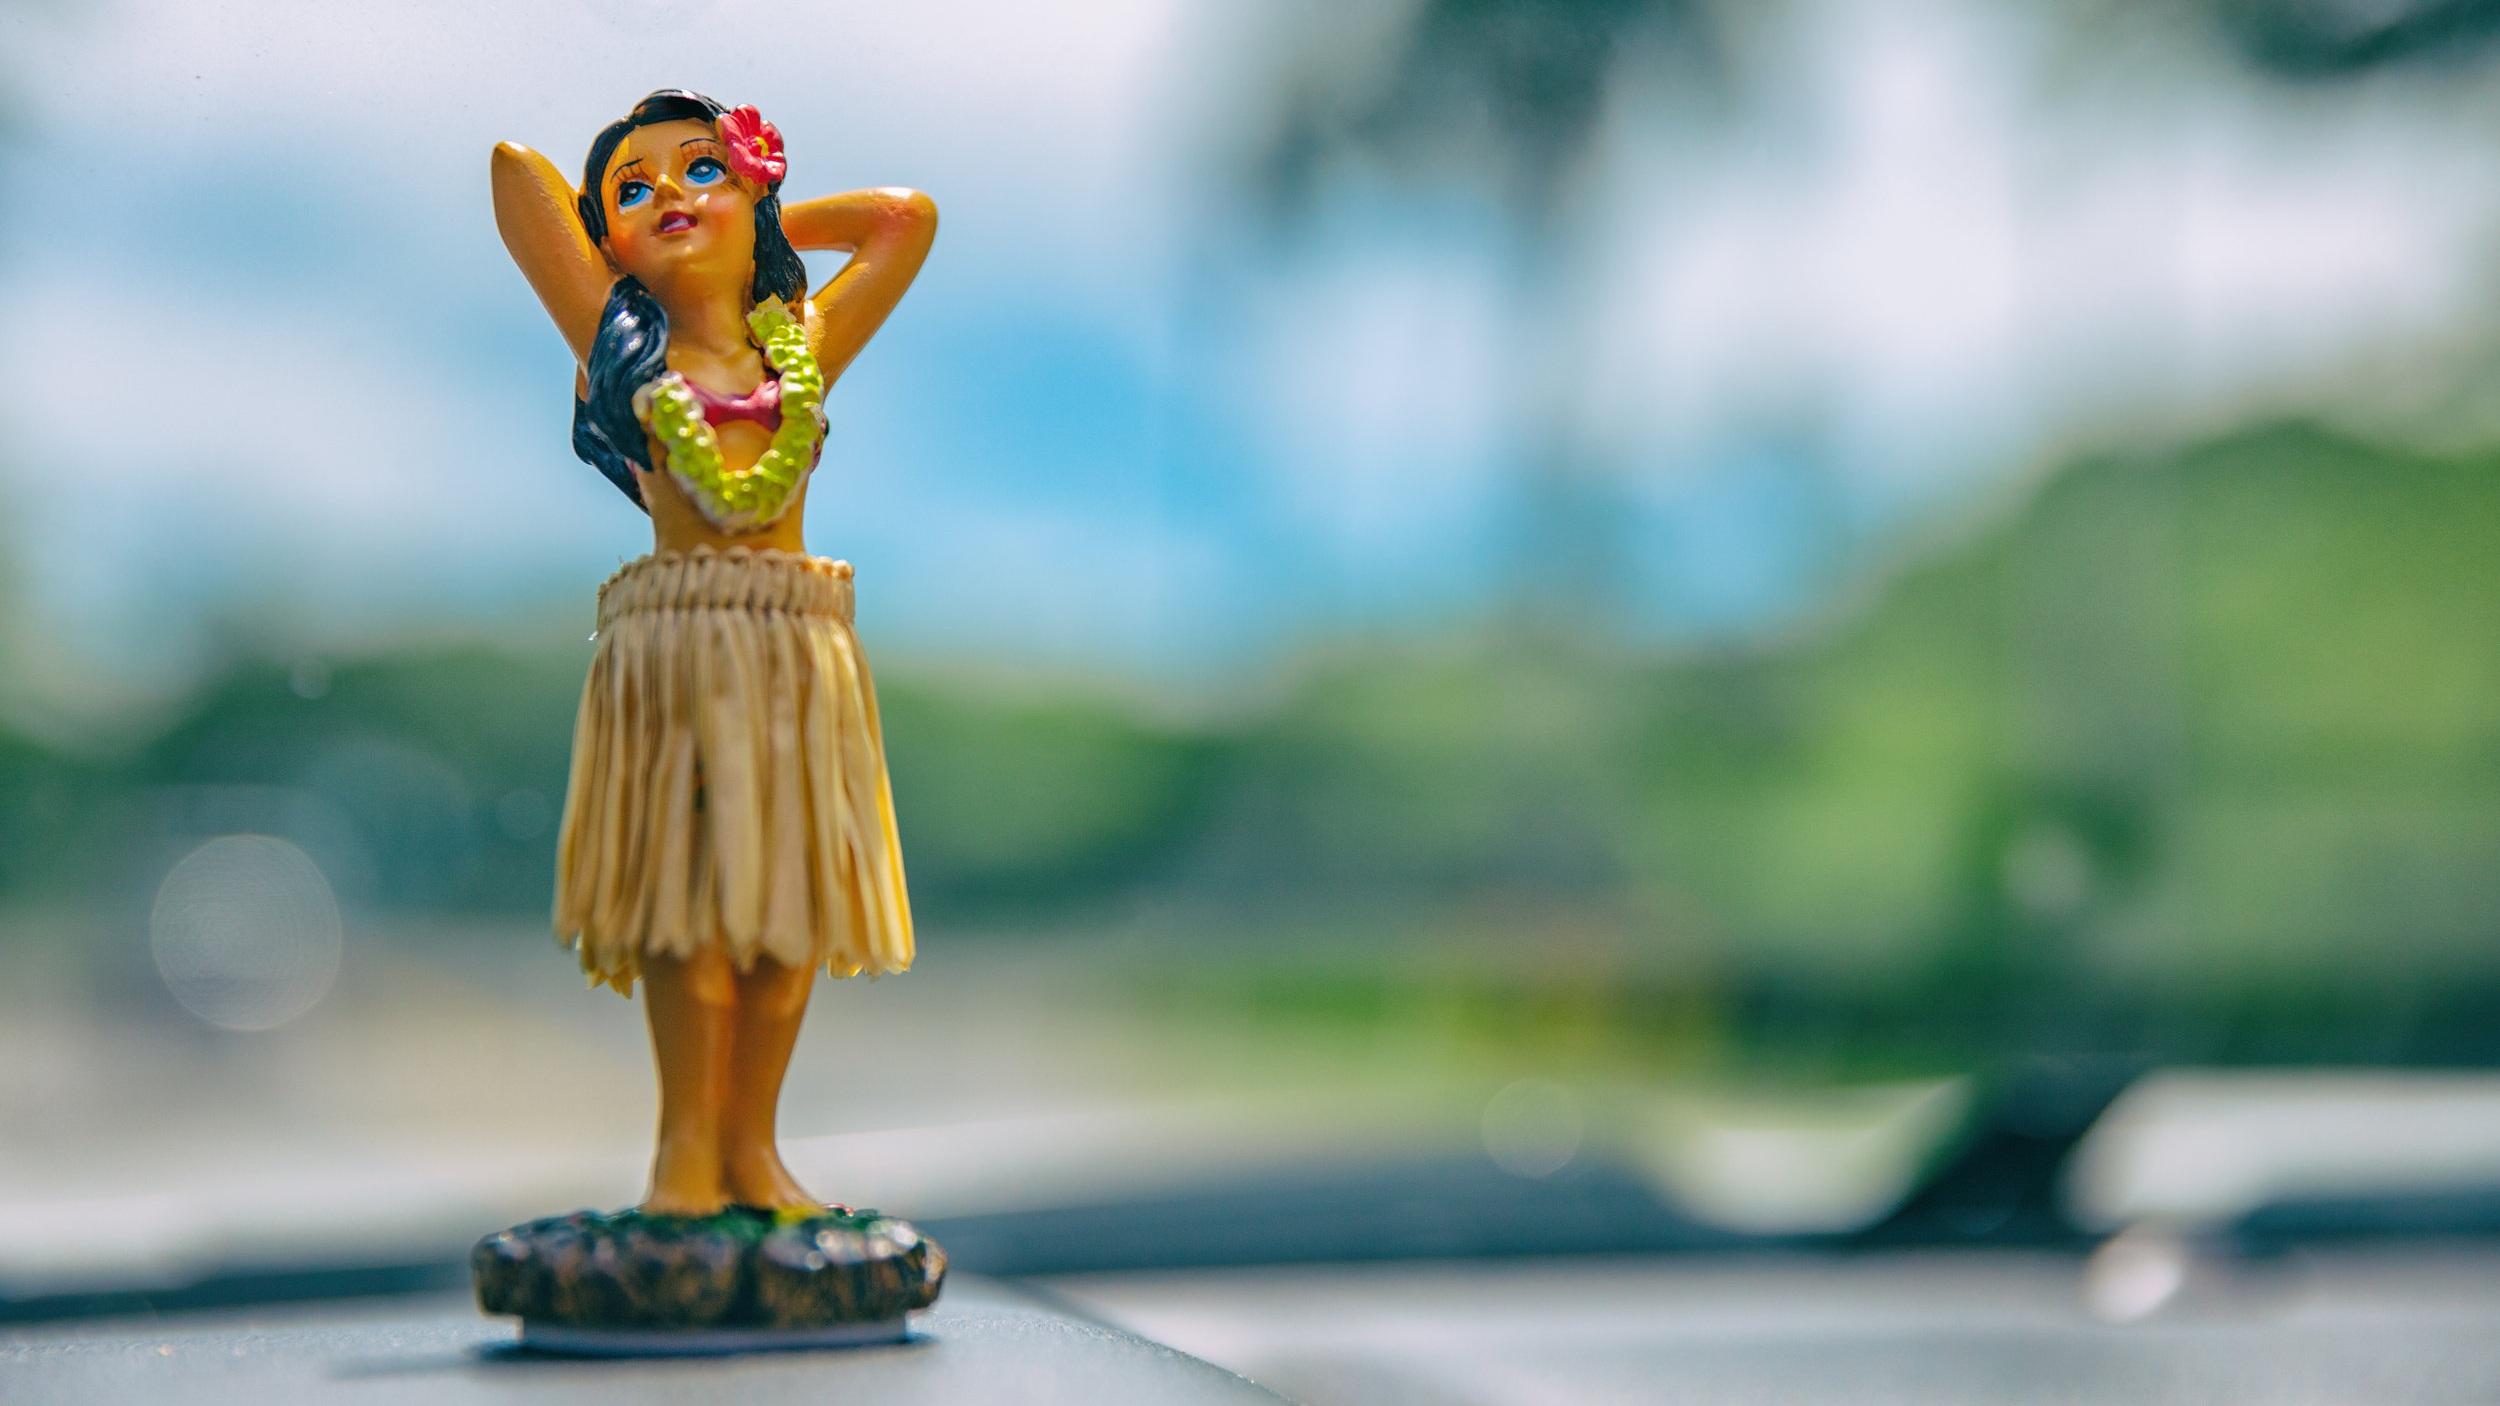 aloha WEEK - JULY 22 - JULY 25HALF DAY CAMPKids Camps